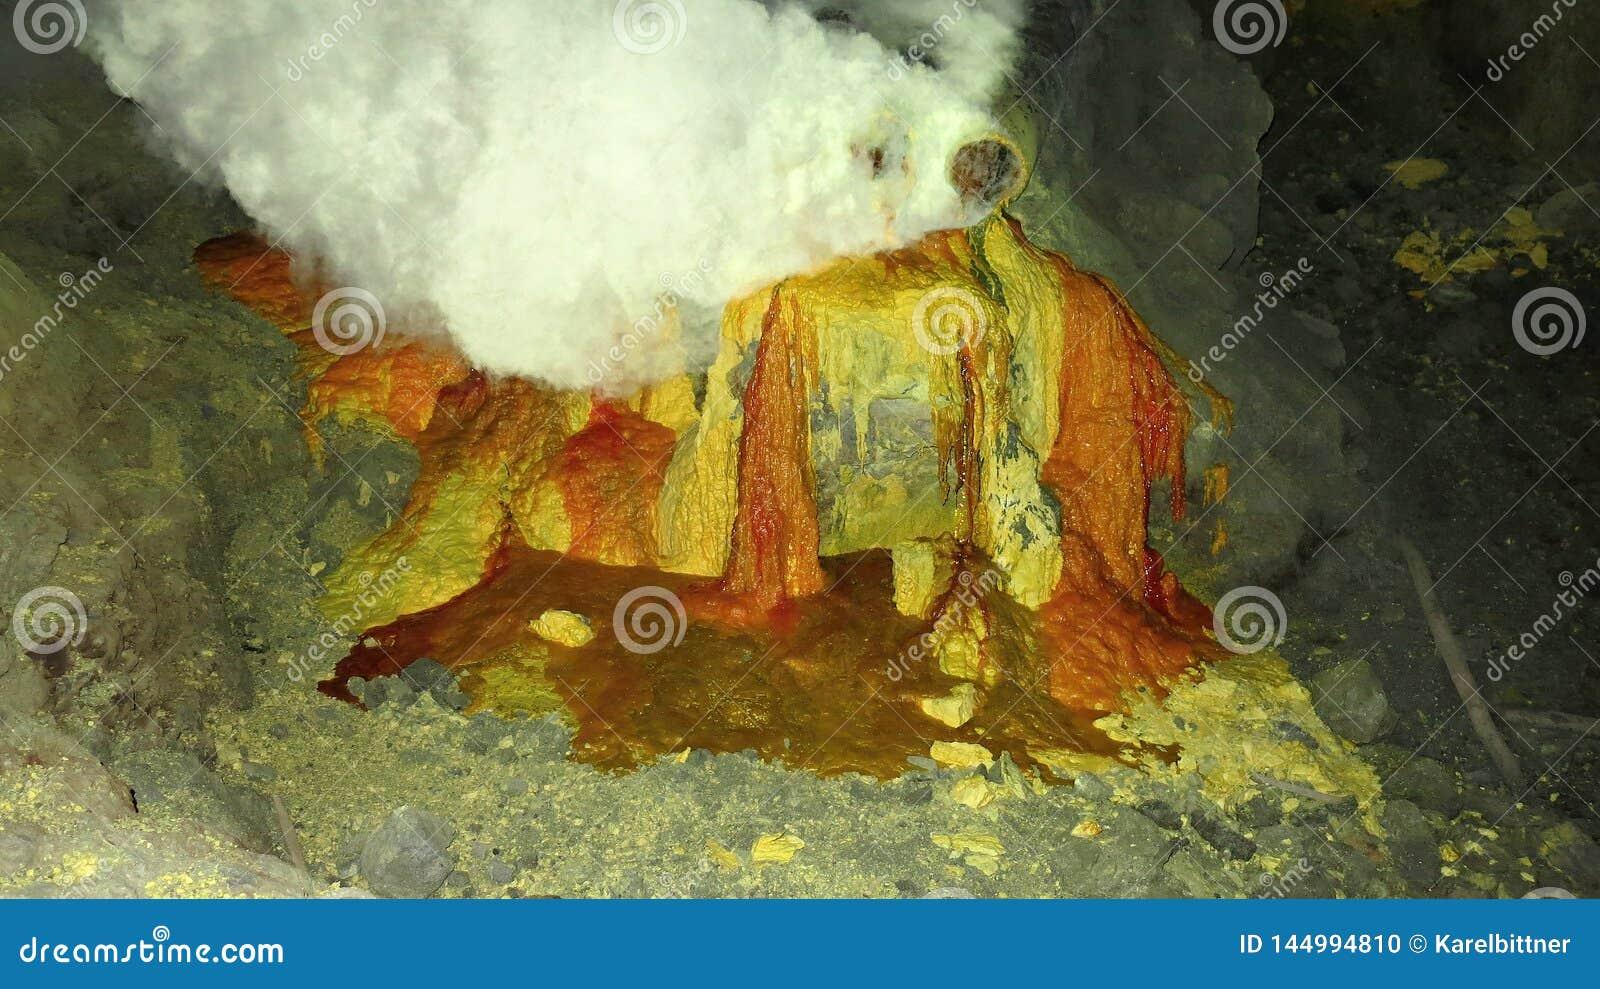 Ruwe zwavelmijnbouw in de krater van de actieve vulkaan van Kawah Ijen op Java